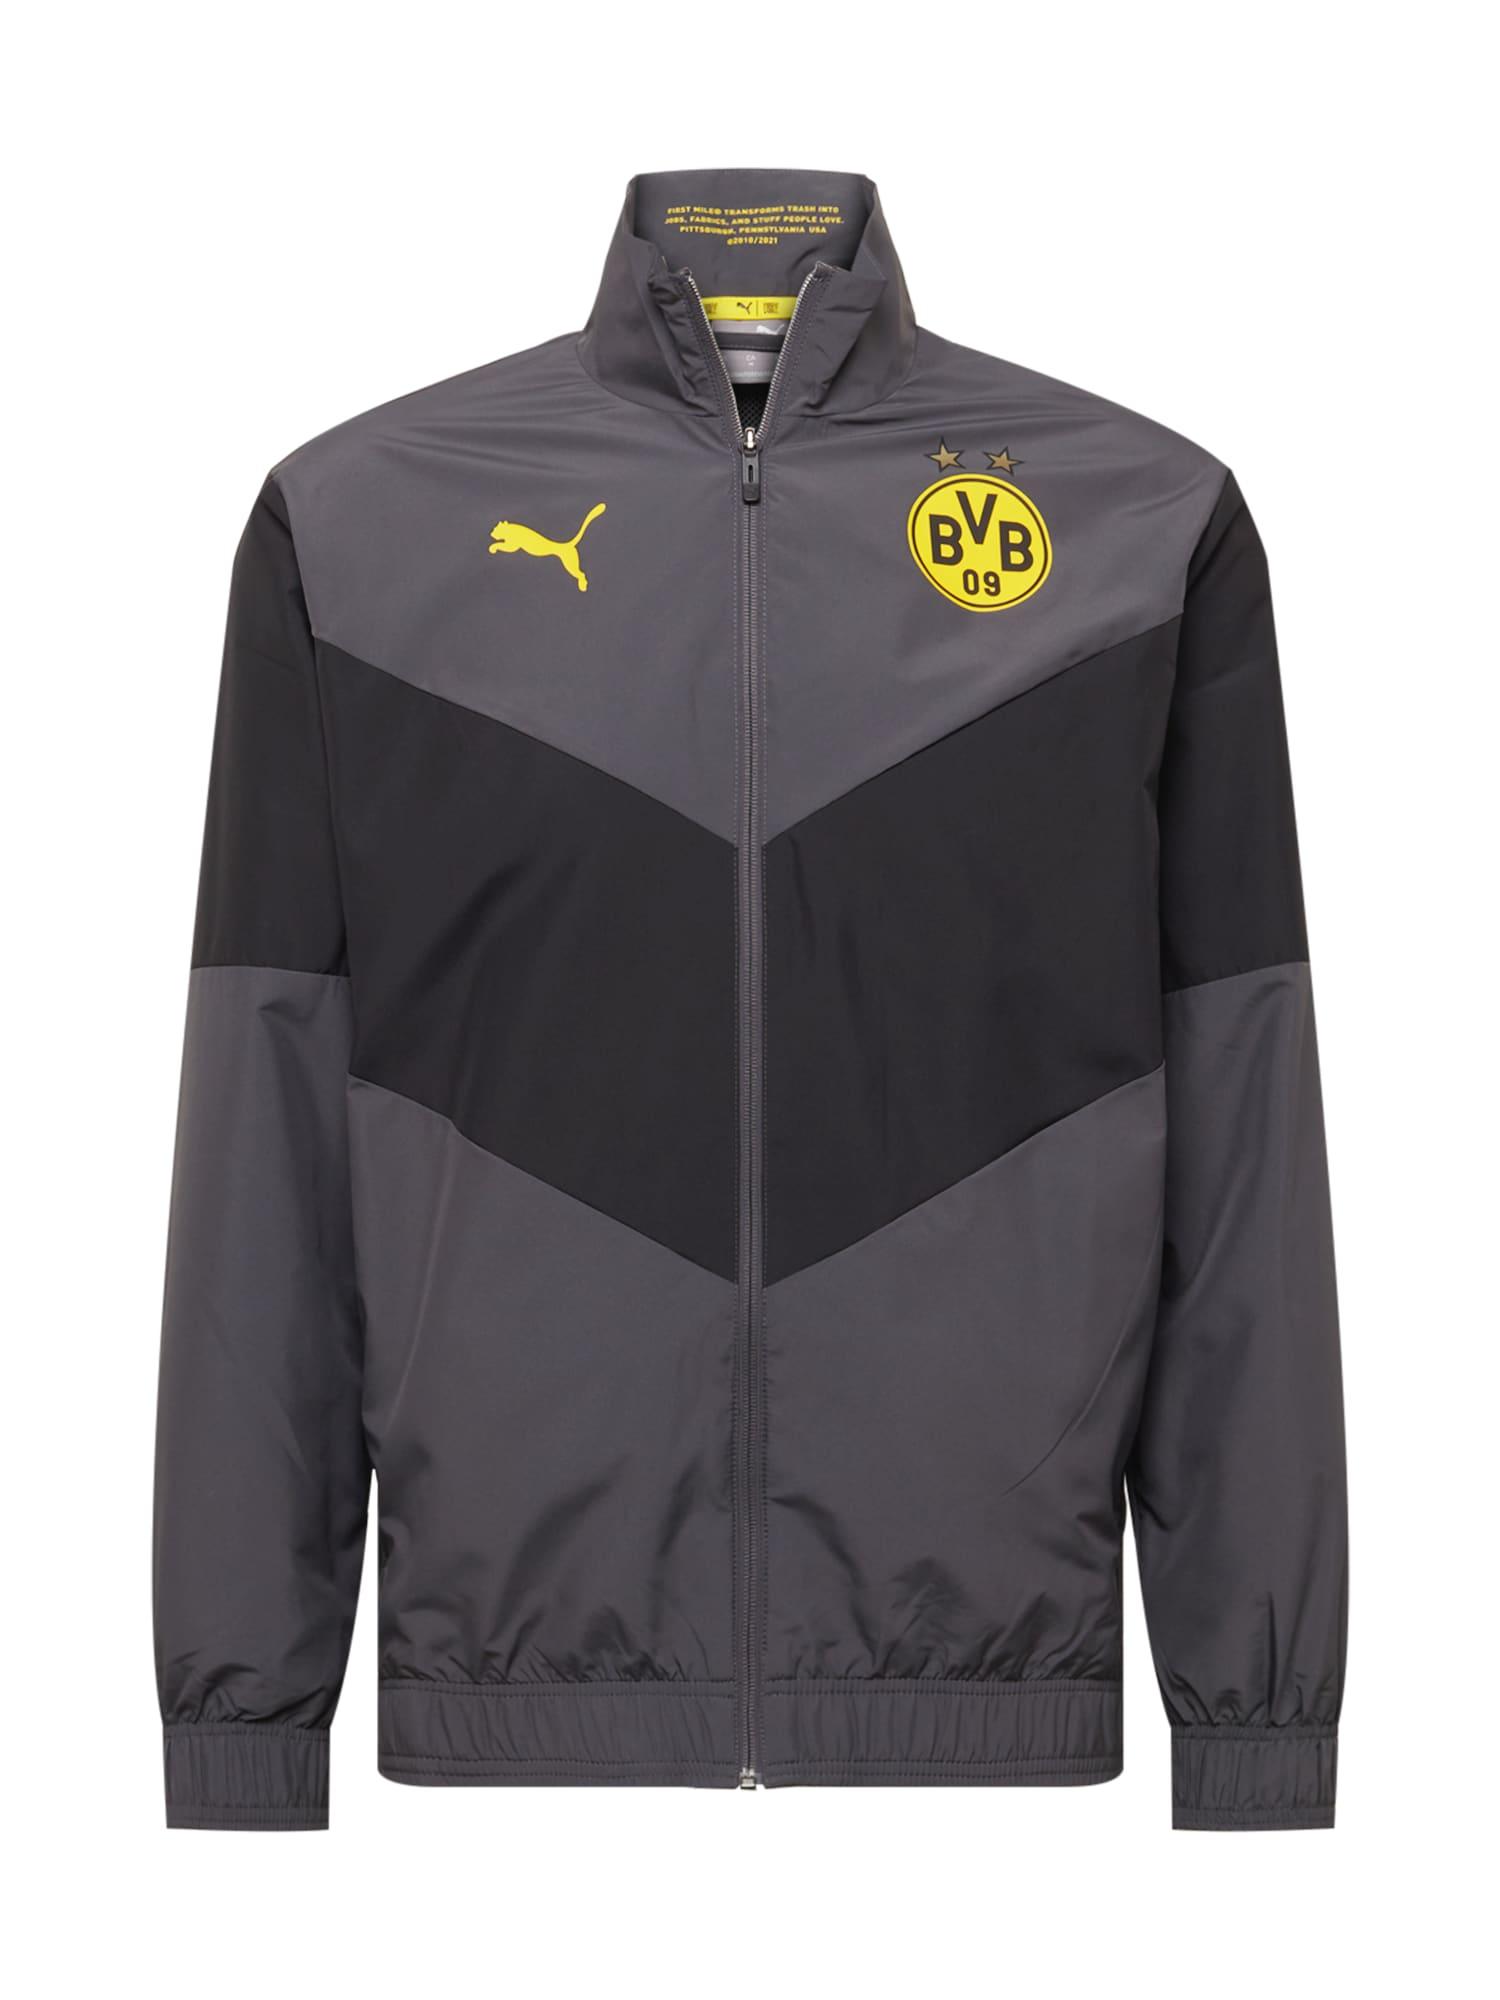 PUMA Giacca per l'allenamento 'BVB Prematch'  antracite / grigio scuro / giallo male shop the look